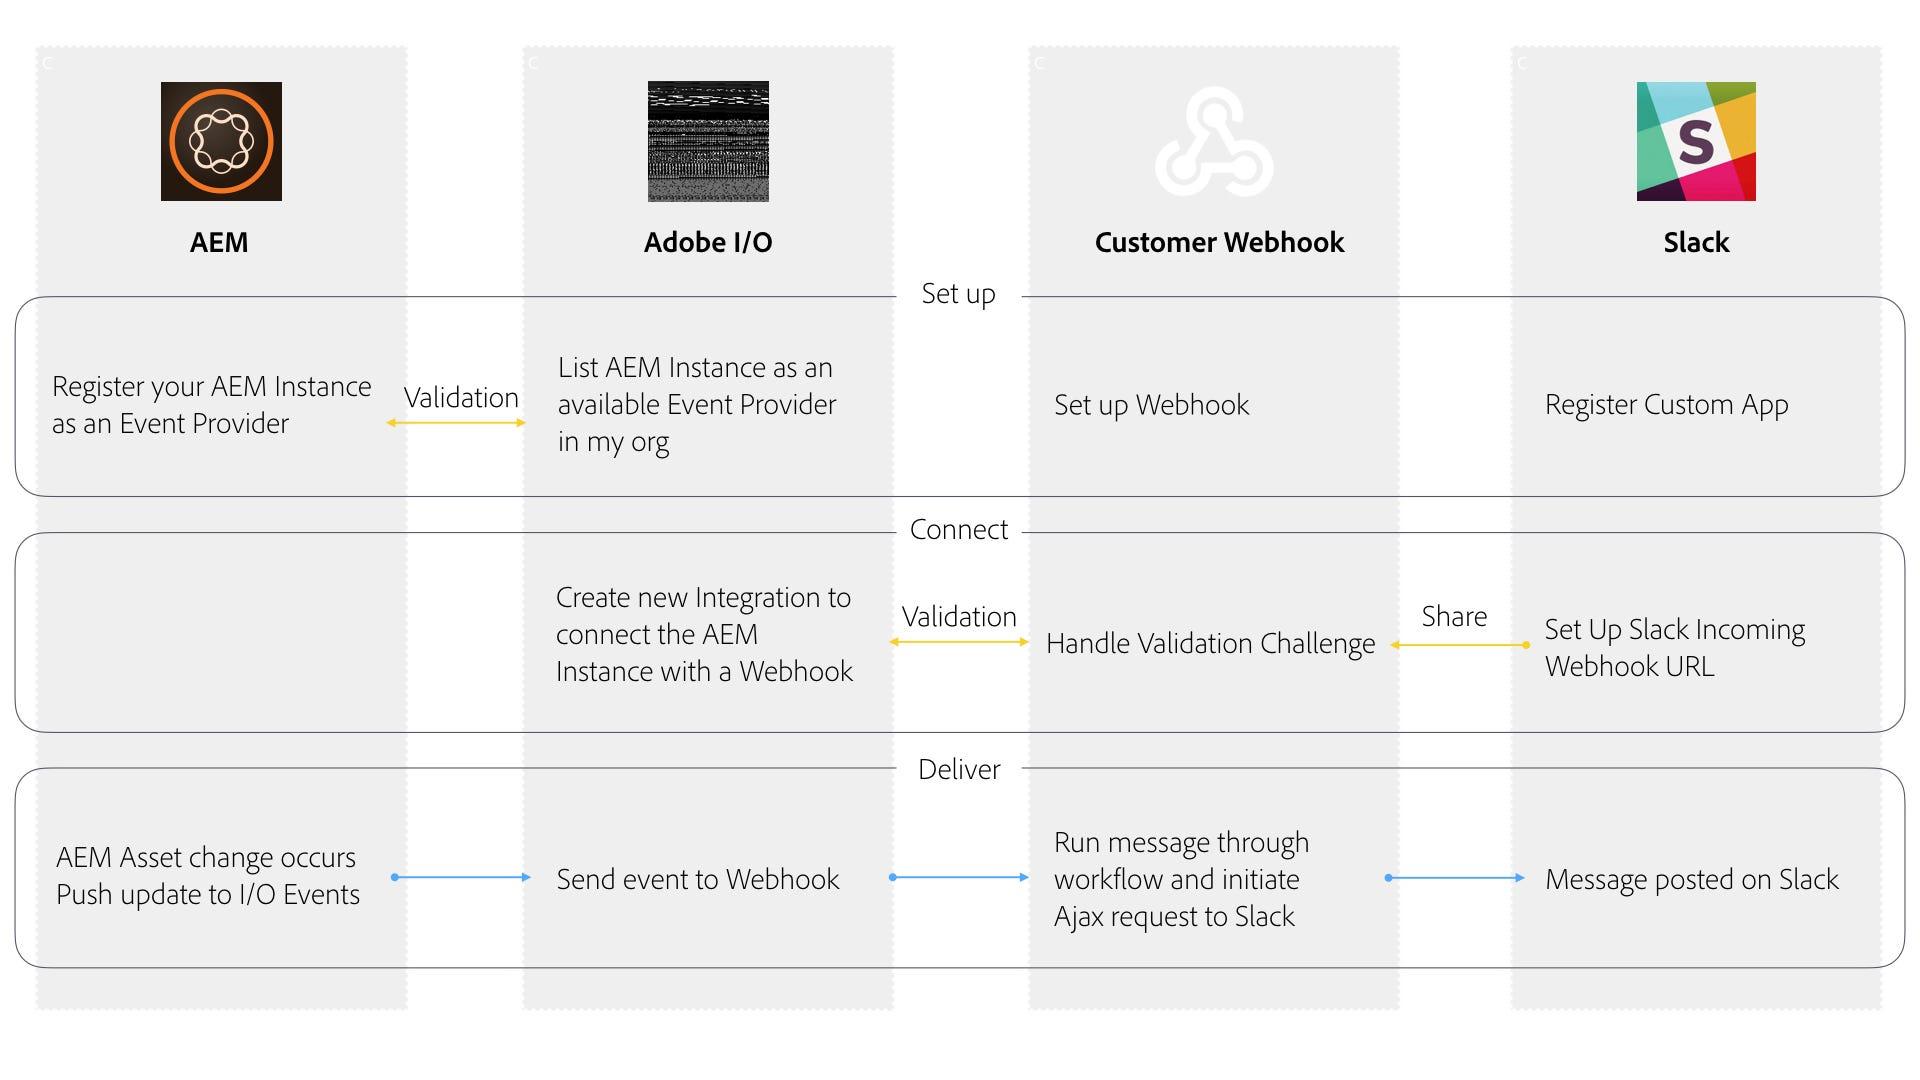 Adobe I/O Events